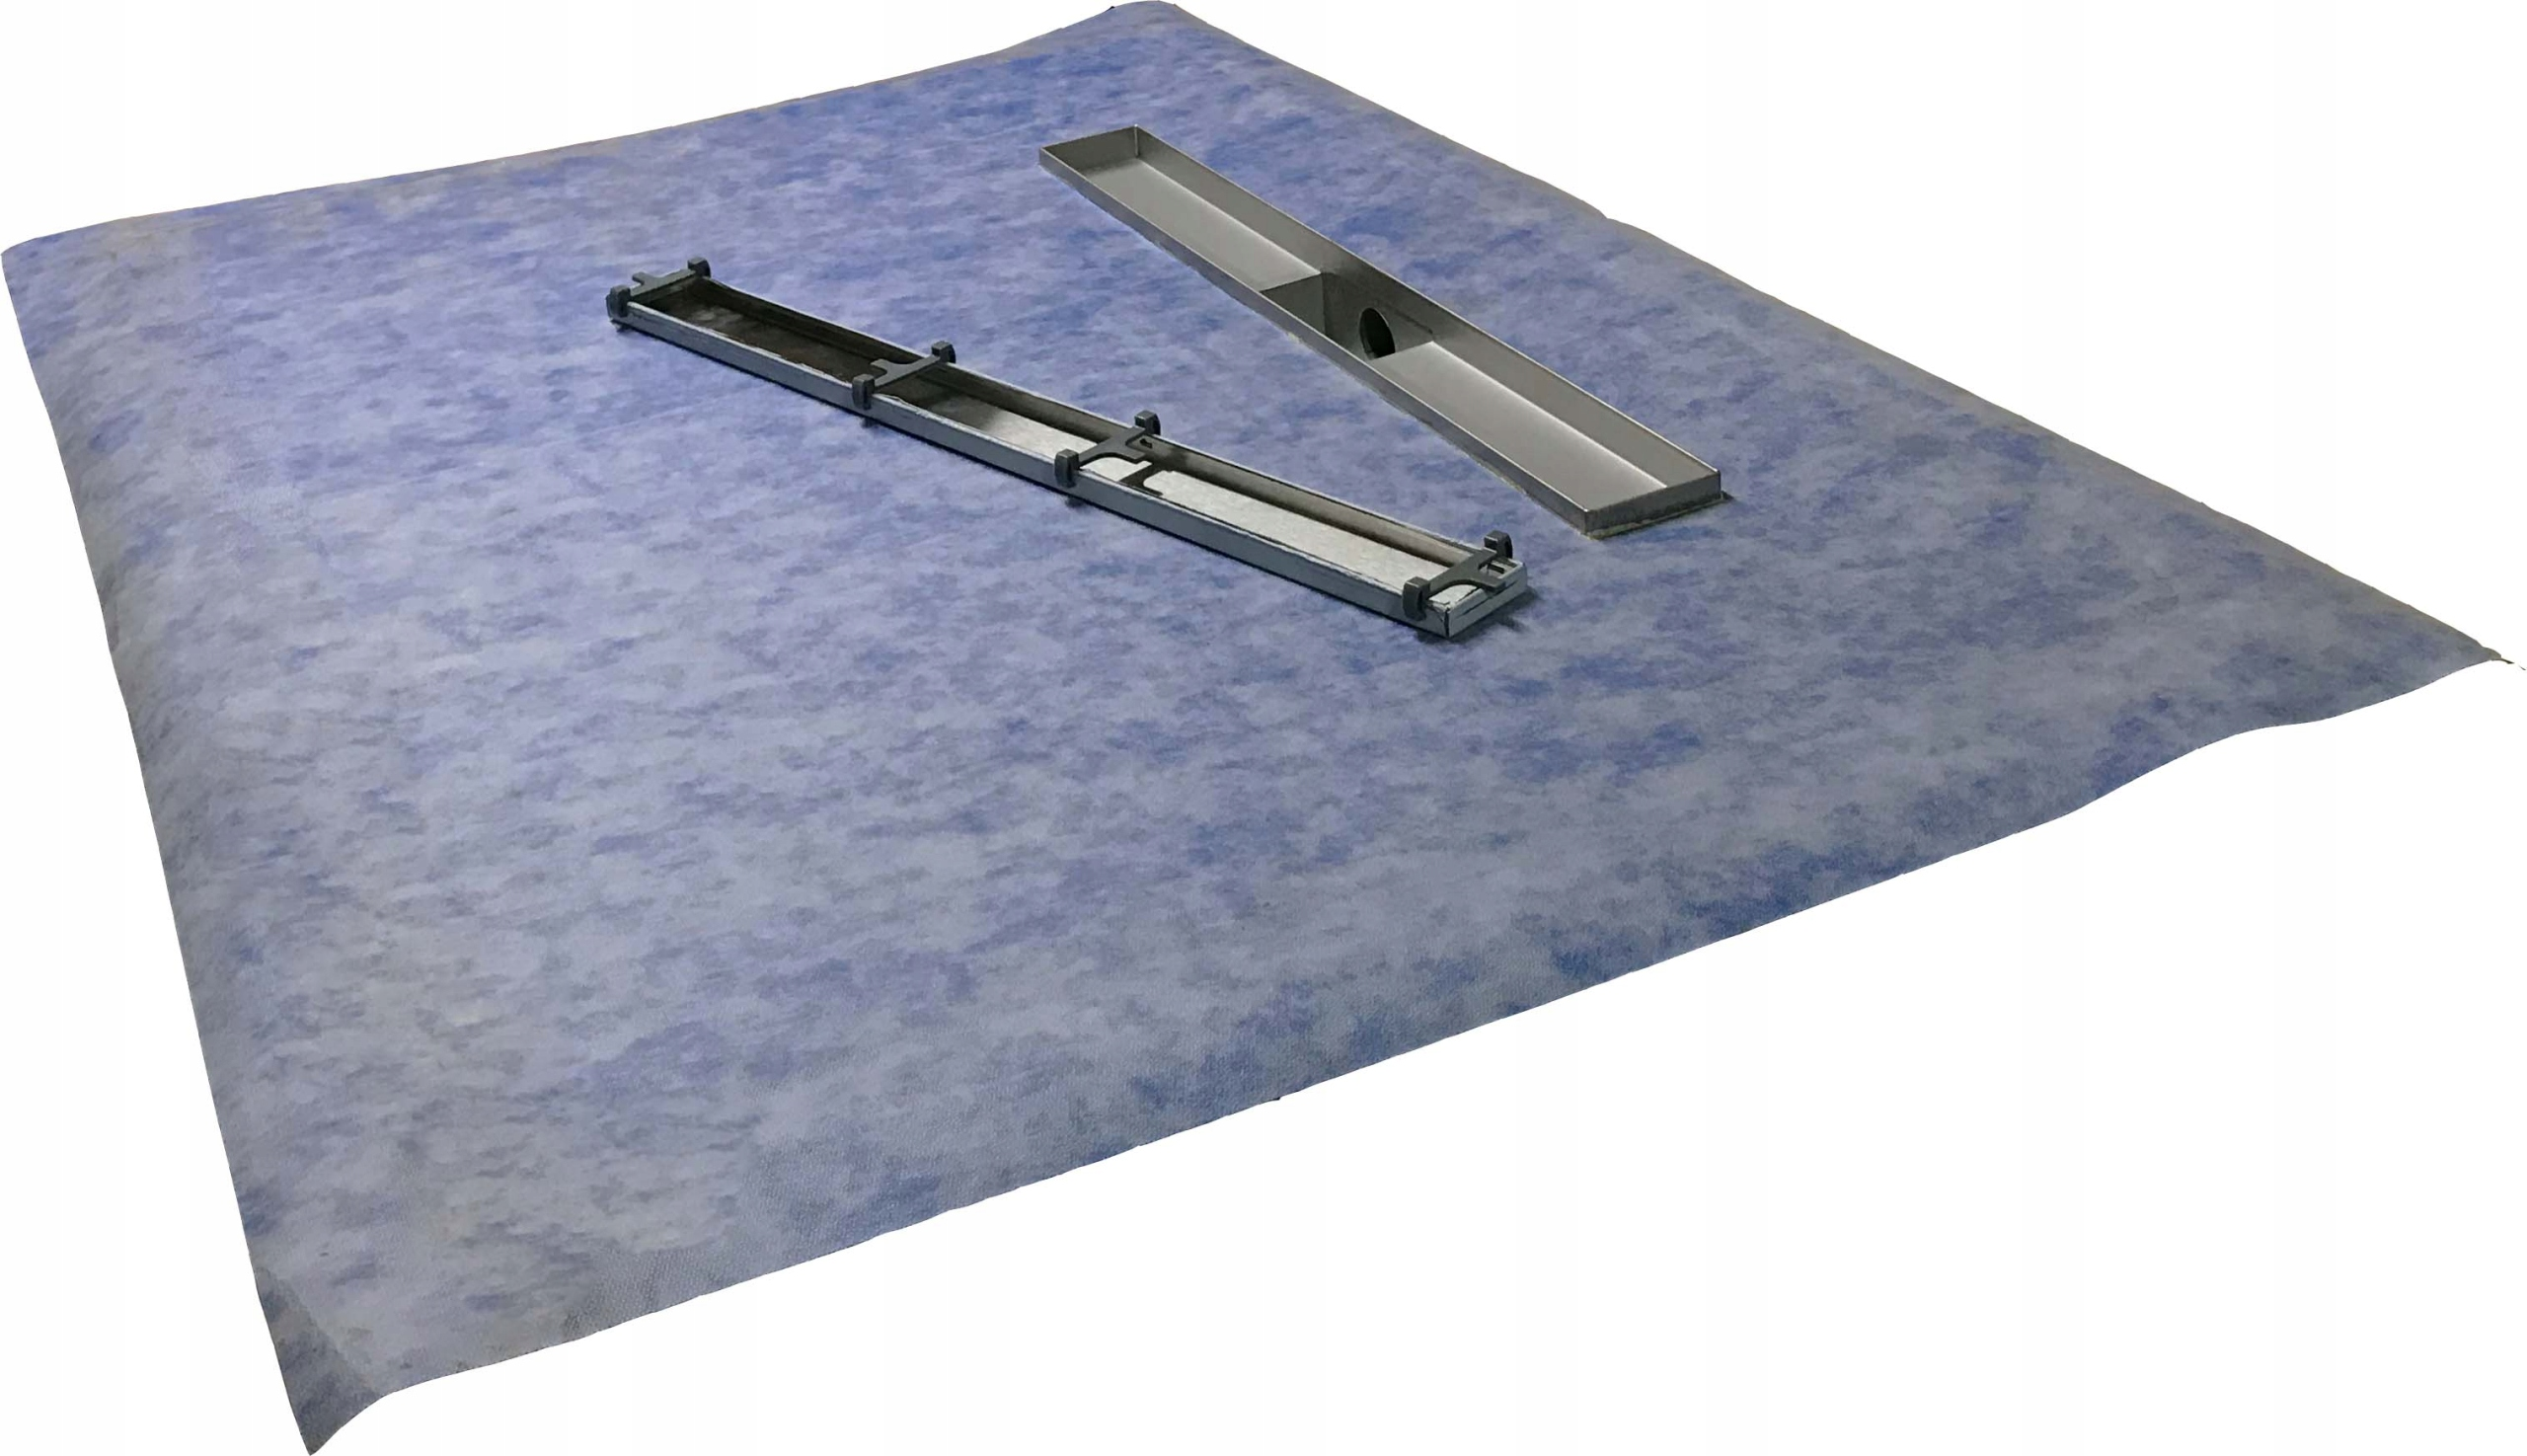 Sprchová vanička pod dlaždice 110x110 lineárny odtok 50 cm